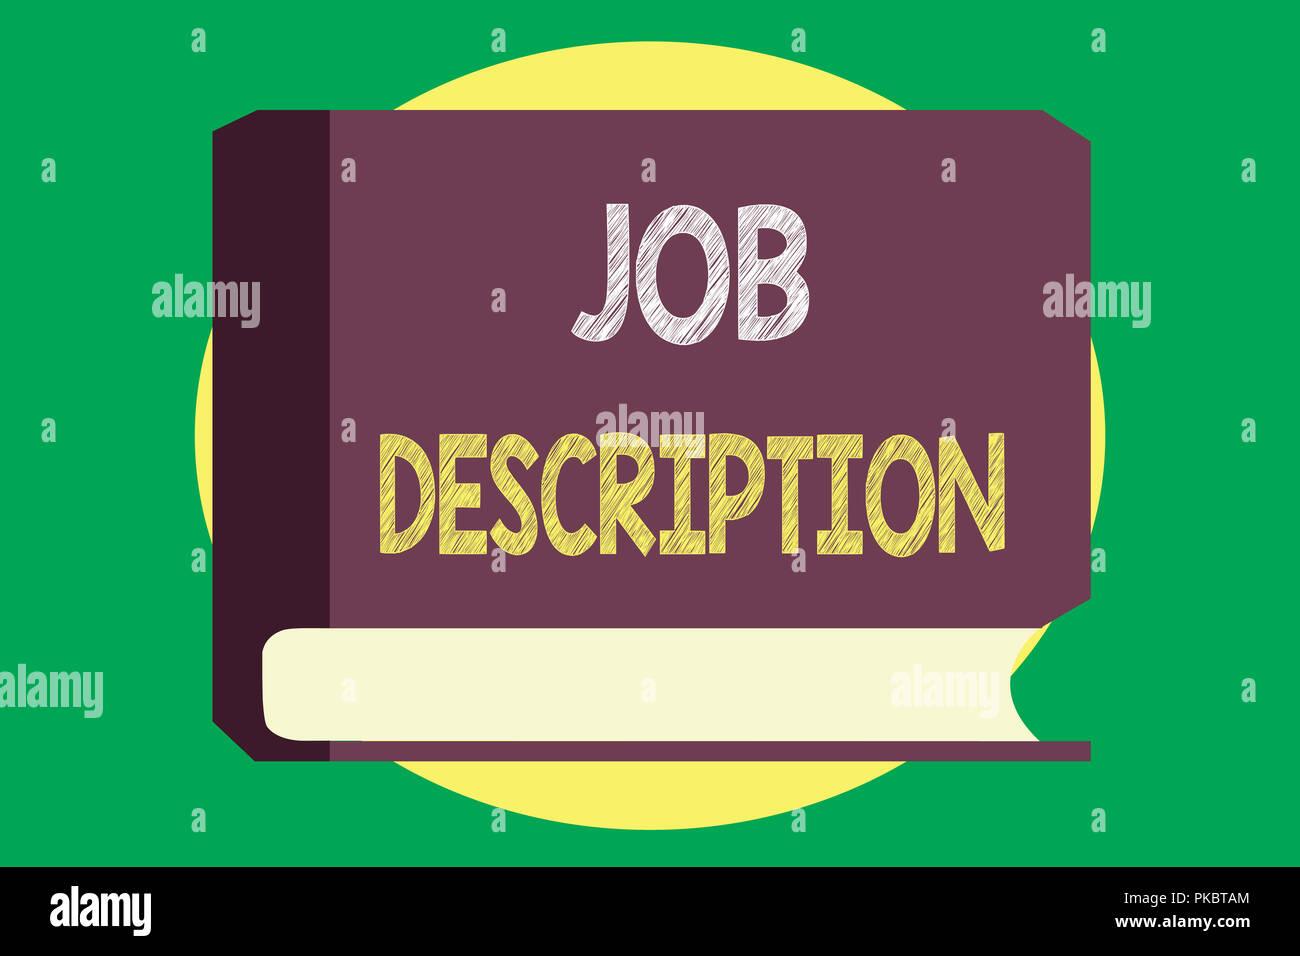 a993a8a9f Escritura escritura de texto Descripción de trabajo. Concepto Significado  un documento que describe las responsabilidades de un puesto.